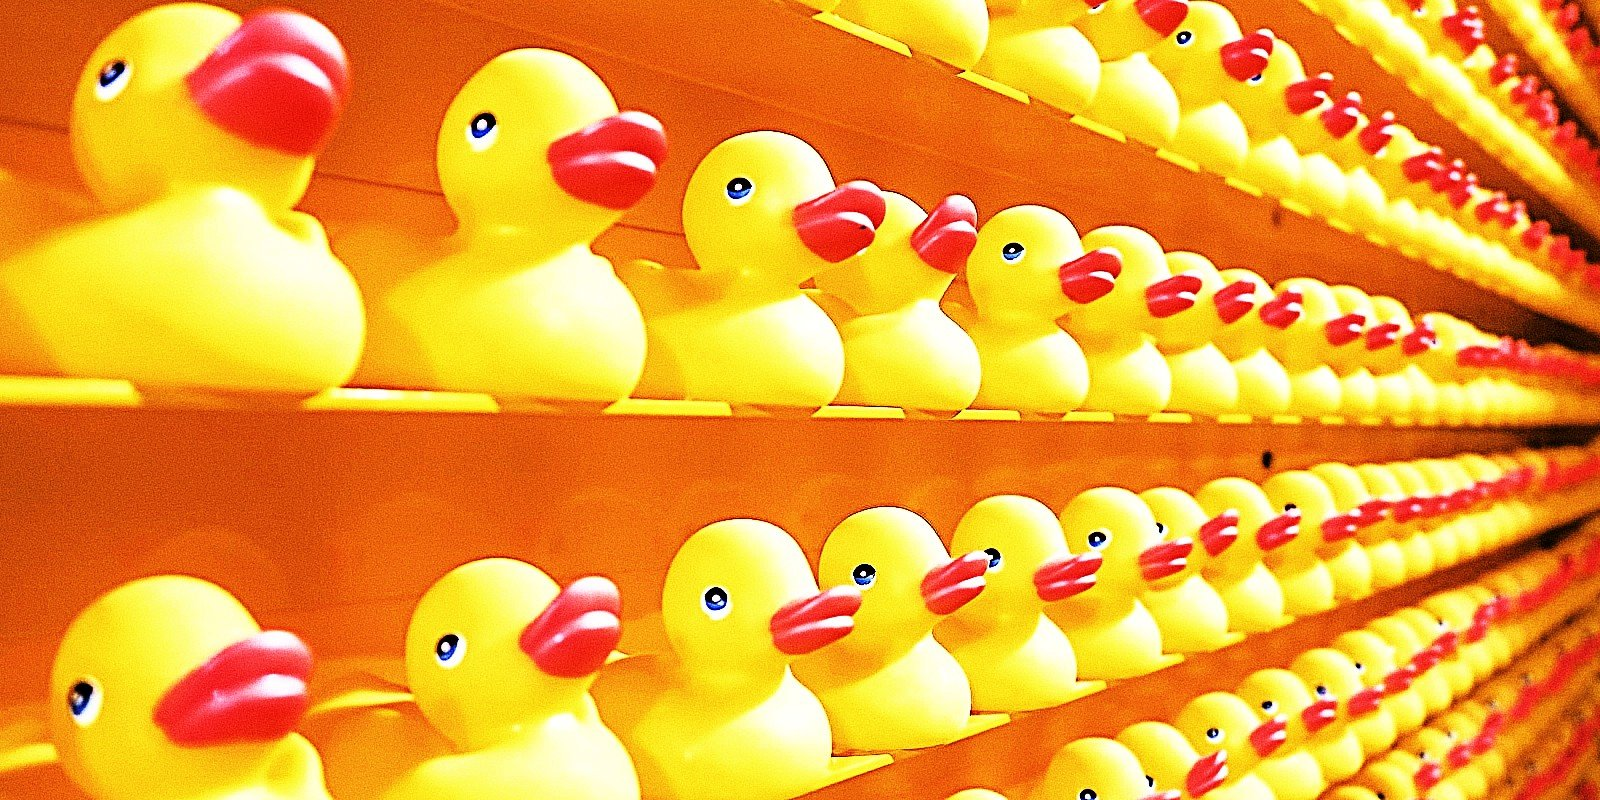 El nuevo servicio de privacidad de correo electrónico de DuckDuckGo reenvía mensajes sin rastreadores